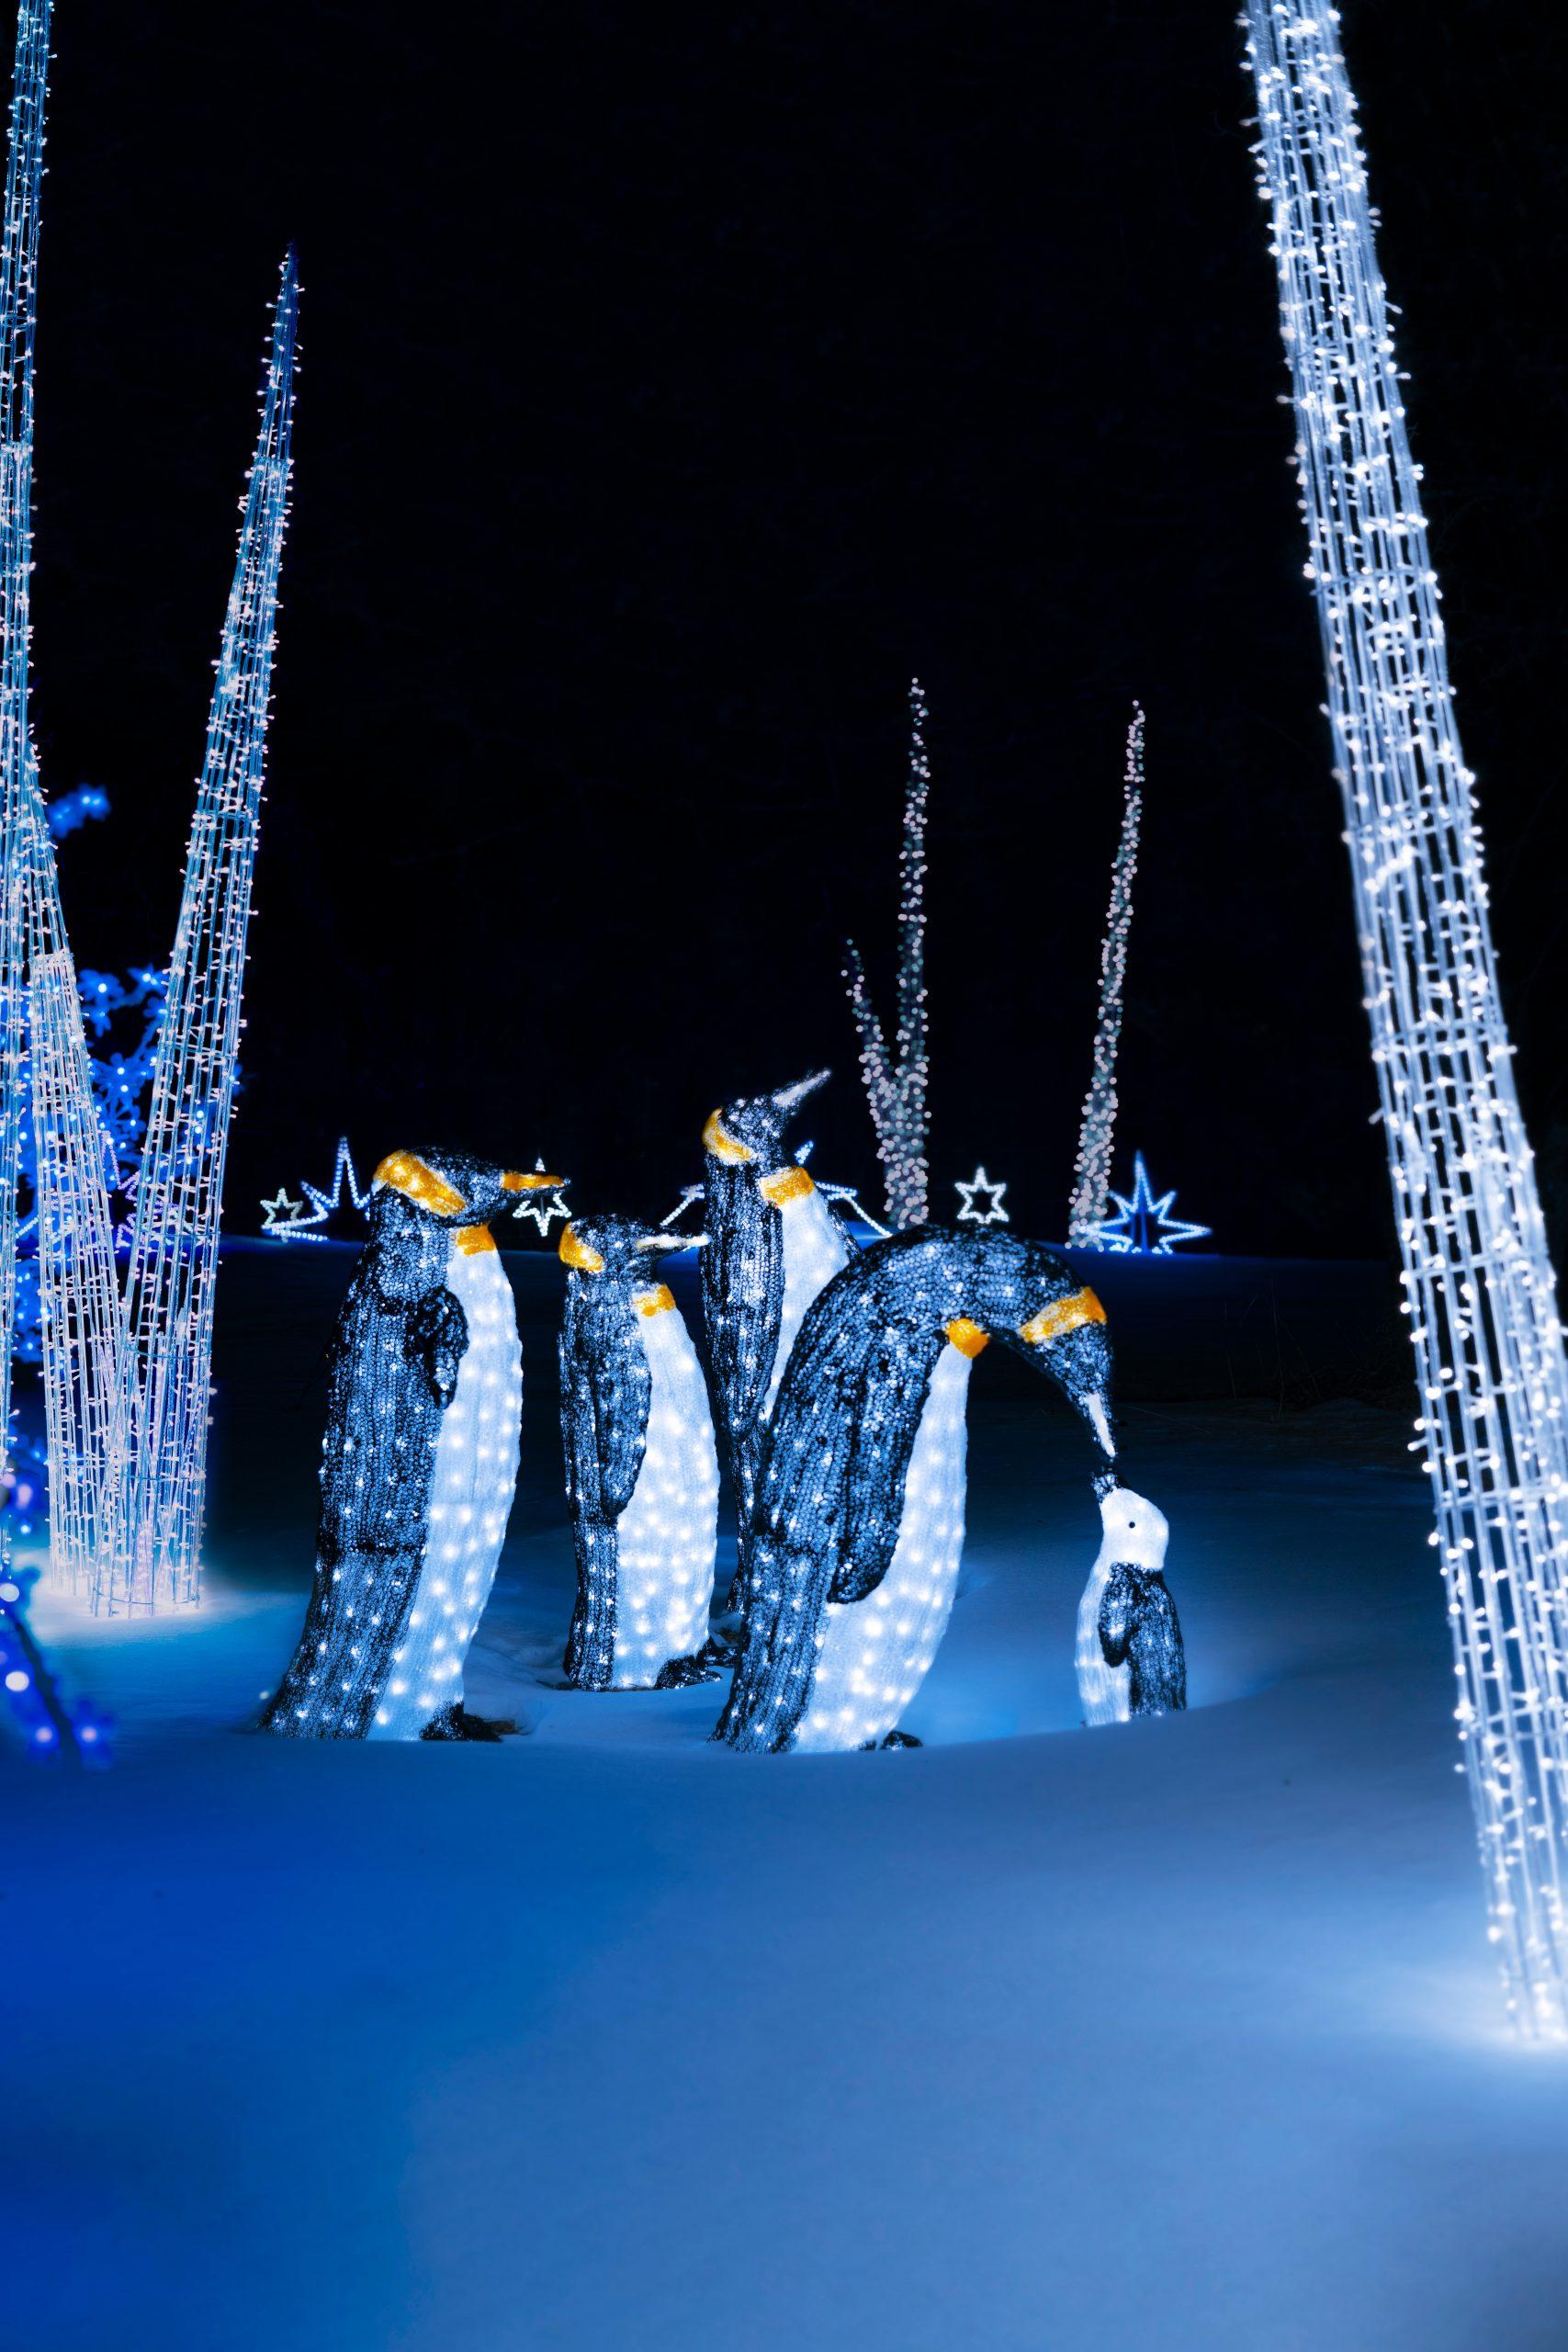 13-illumi-feerie-de-lumieres-en-voiture-illumi-a-drive-through-world-of-lights-scaled